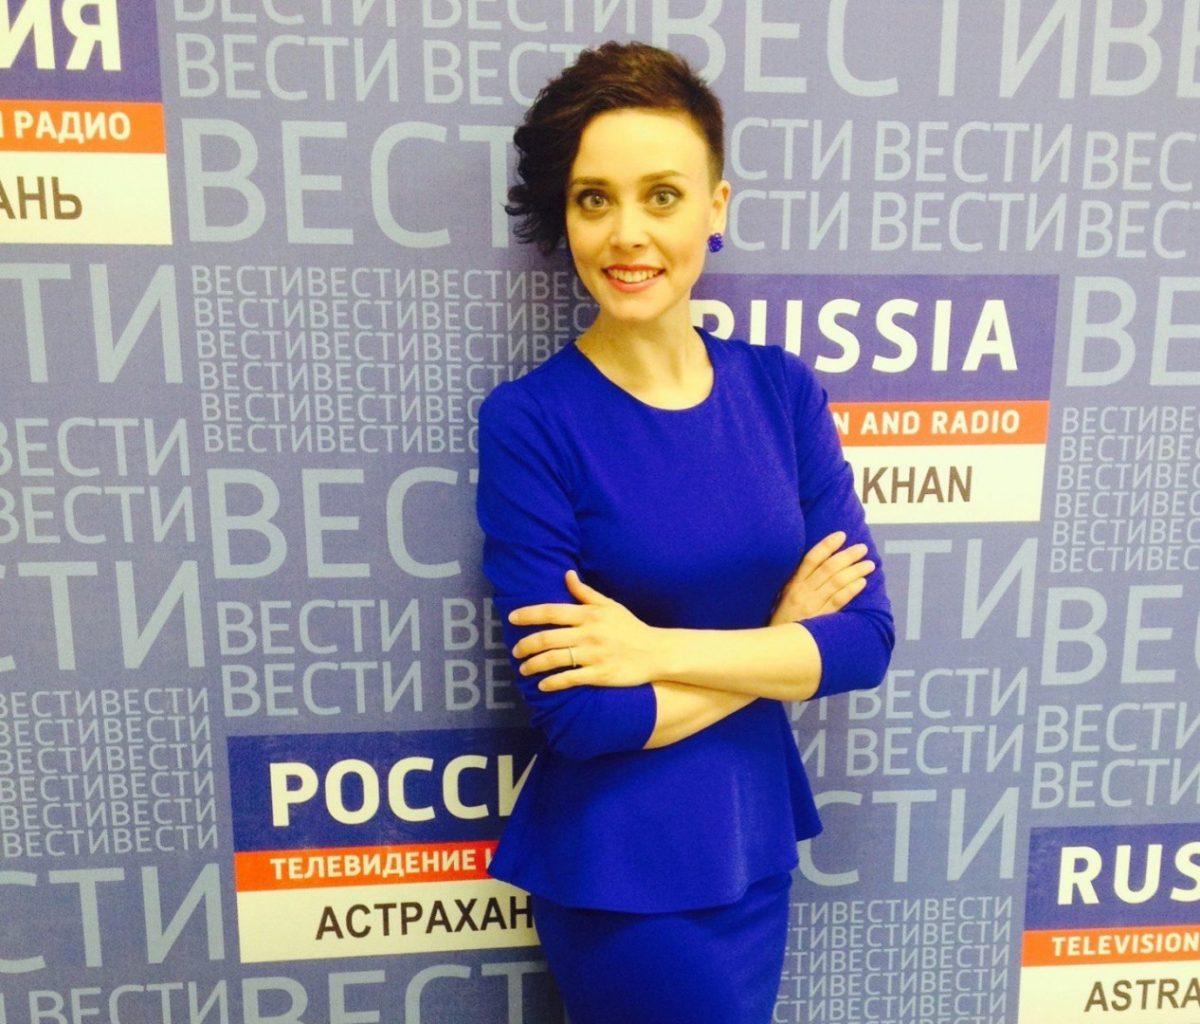 Губернатор Морозов взял в команду самого красивого консультанта